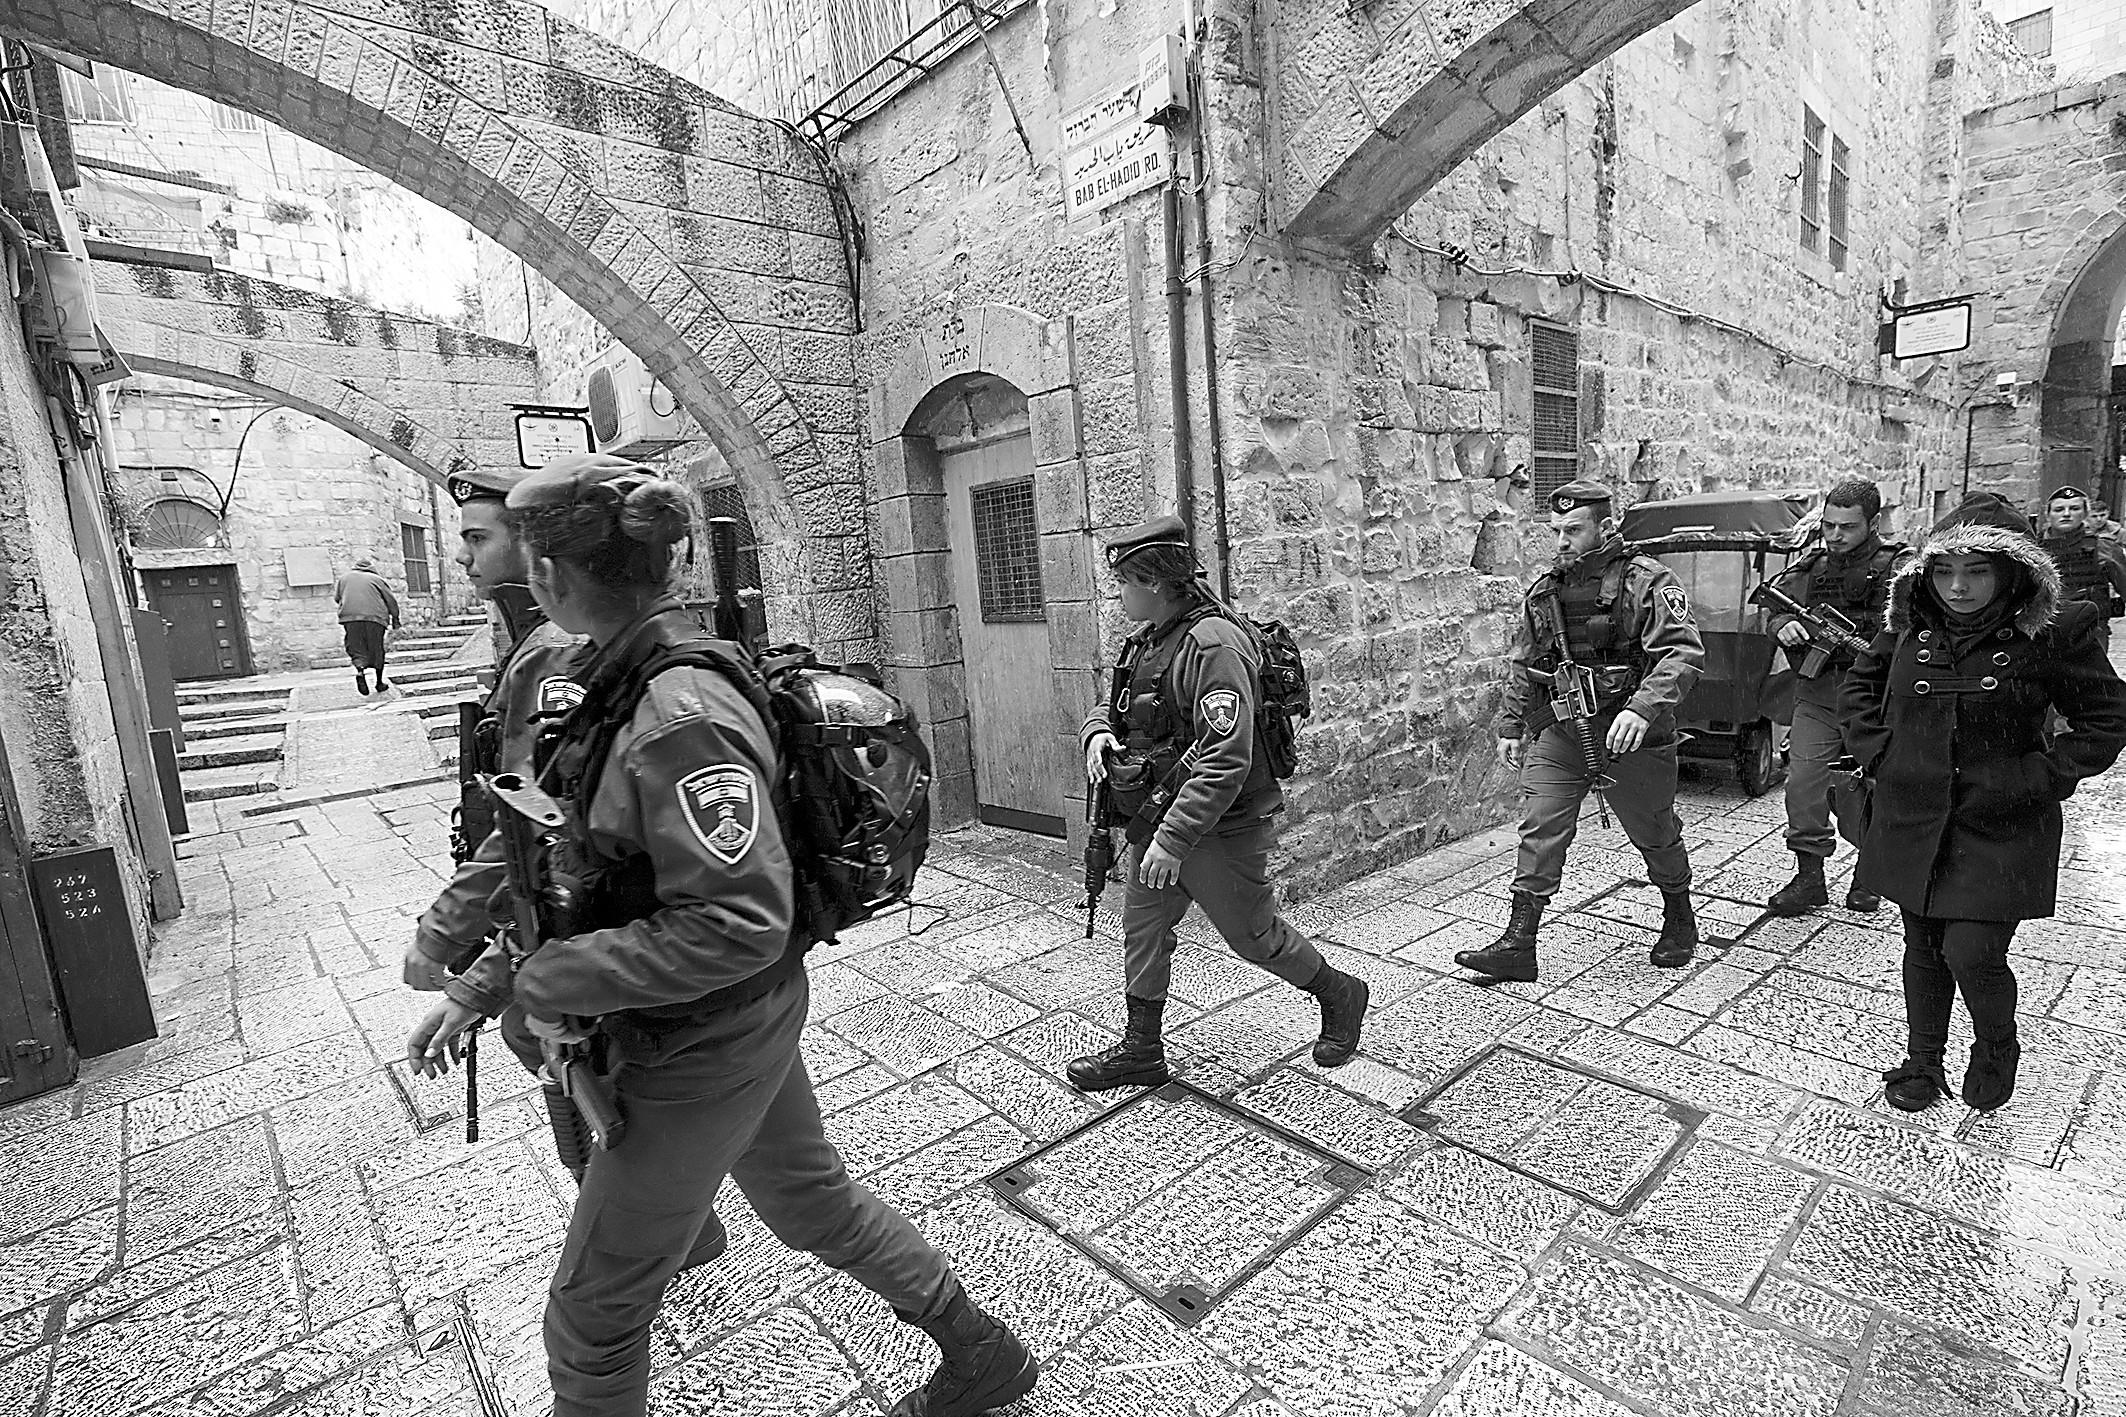 耶路撒冷 被隔断的圣城